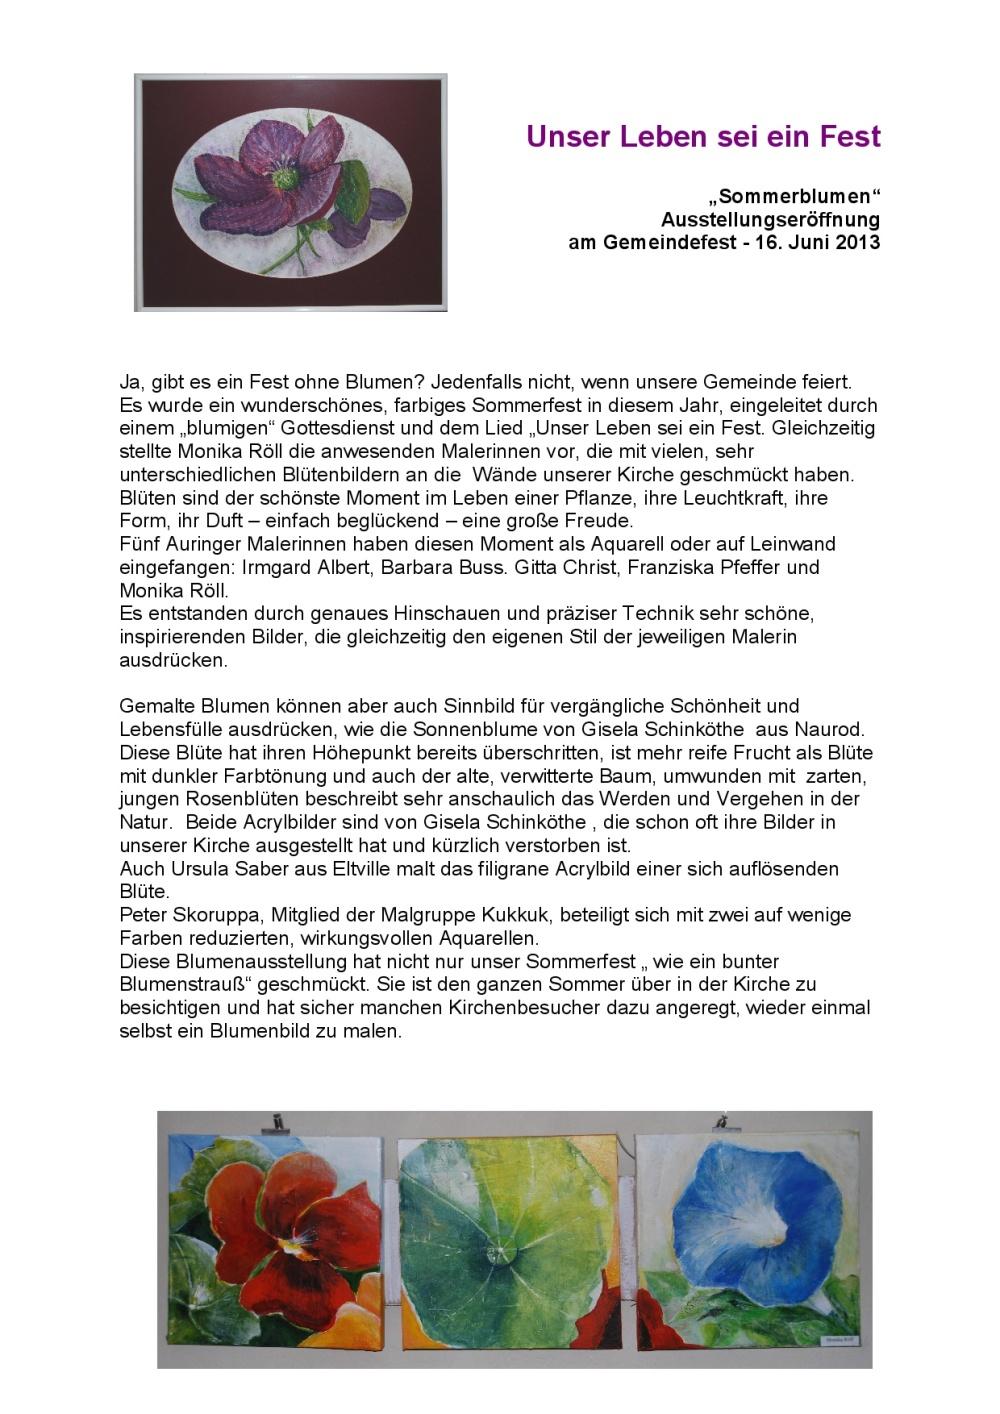 18-Bilderausstellung am Gemeindefest 16.06.13-001